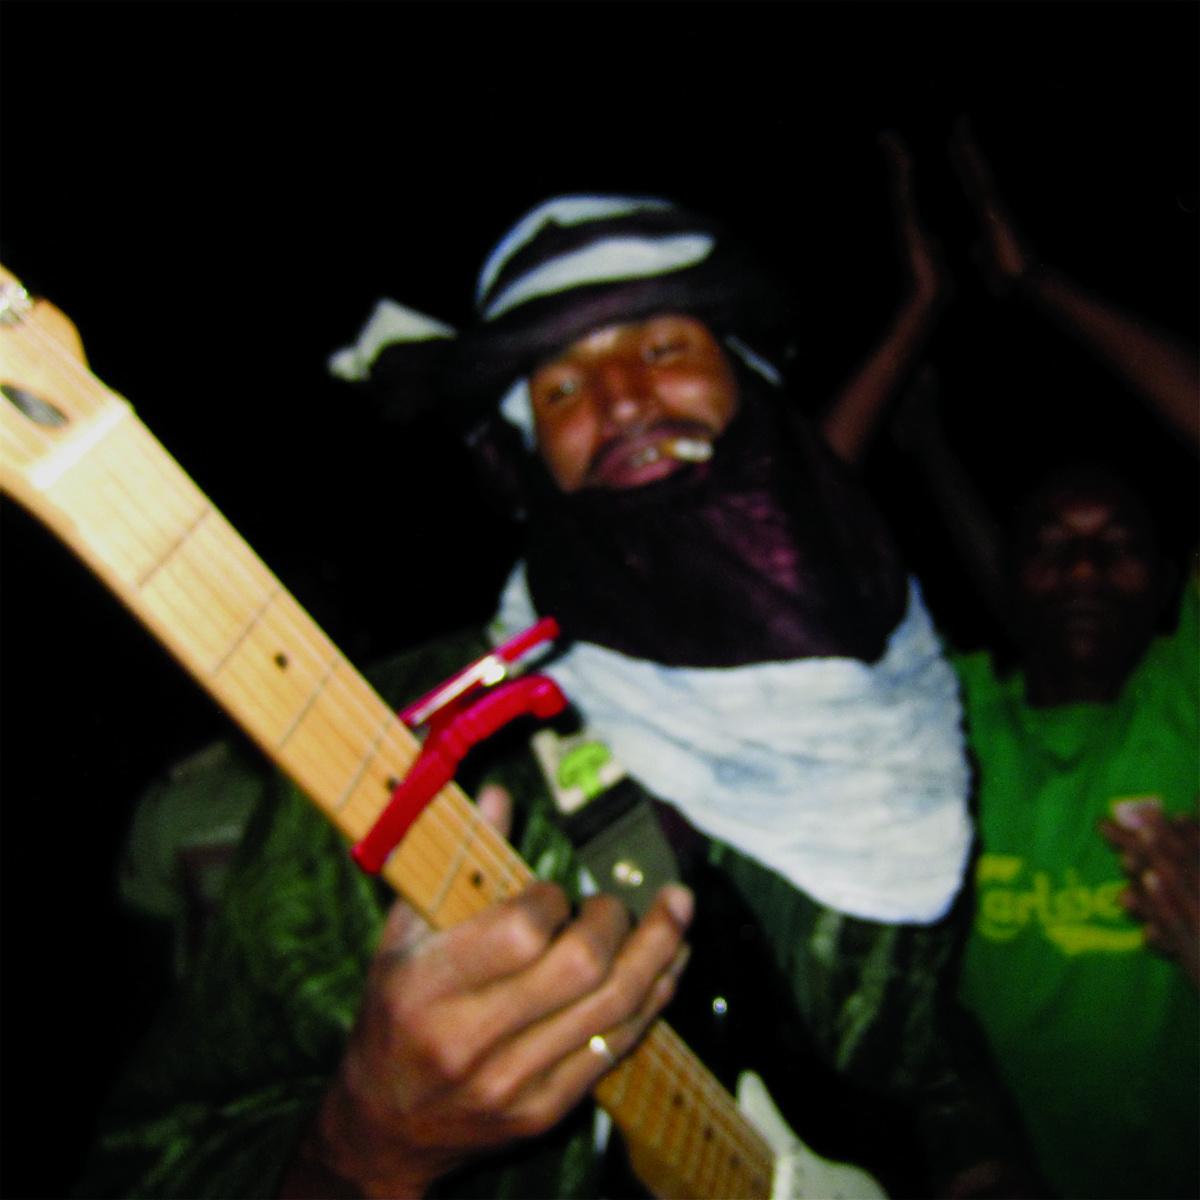 Ecoutes Au Vert / Genève / Aventures sonores au grand air! / ECOUTES AU VERT au Quai Baby Plage avec SAHEL SOUNDS et Dj CIUCA (MISSISSIPPI RECORDS) + PROJO FILM feat. MDOU MOCTAR (Niger) / 633963041